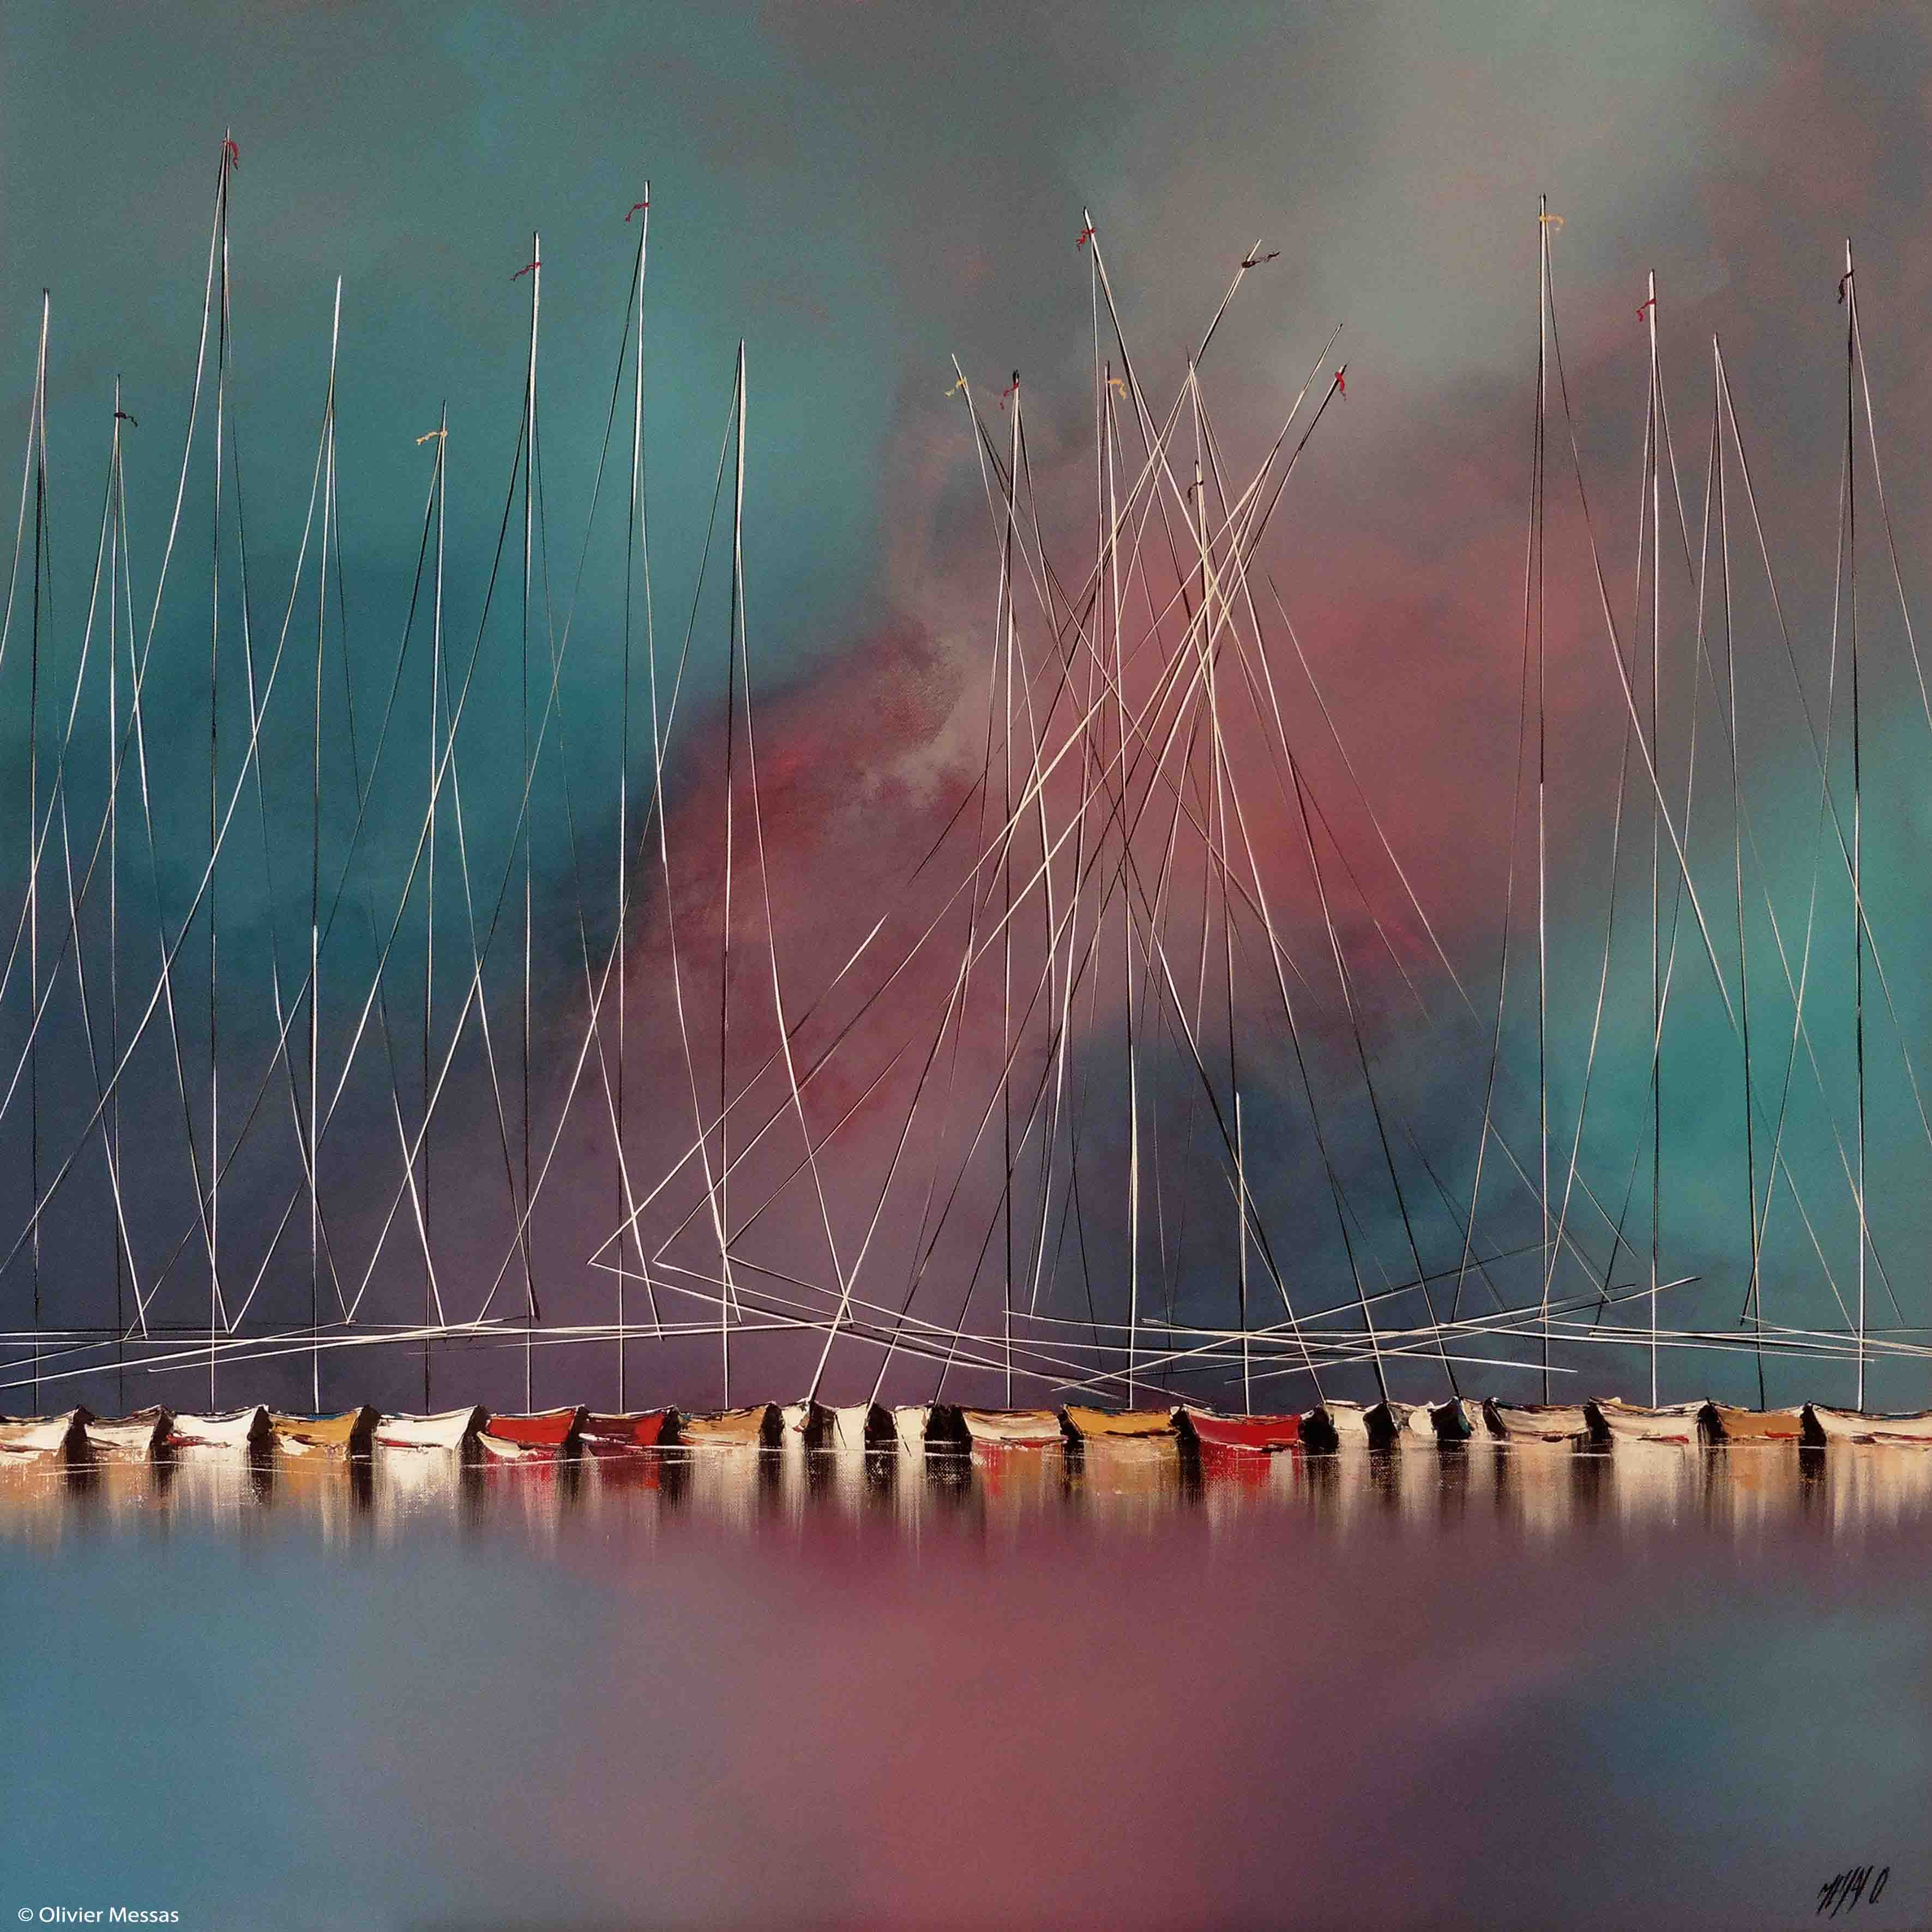 La nuit des voiliers II, 100x100cm